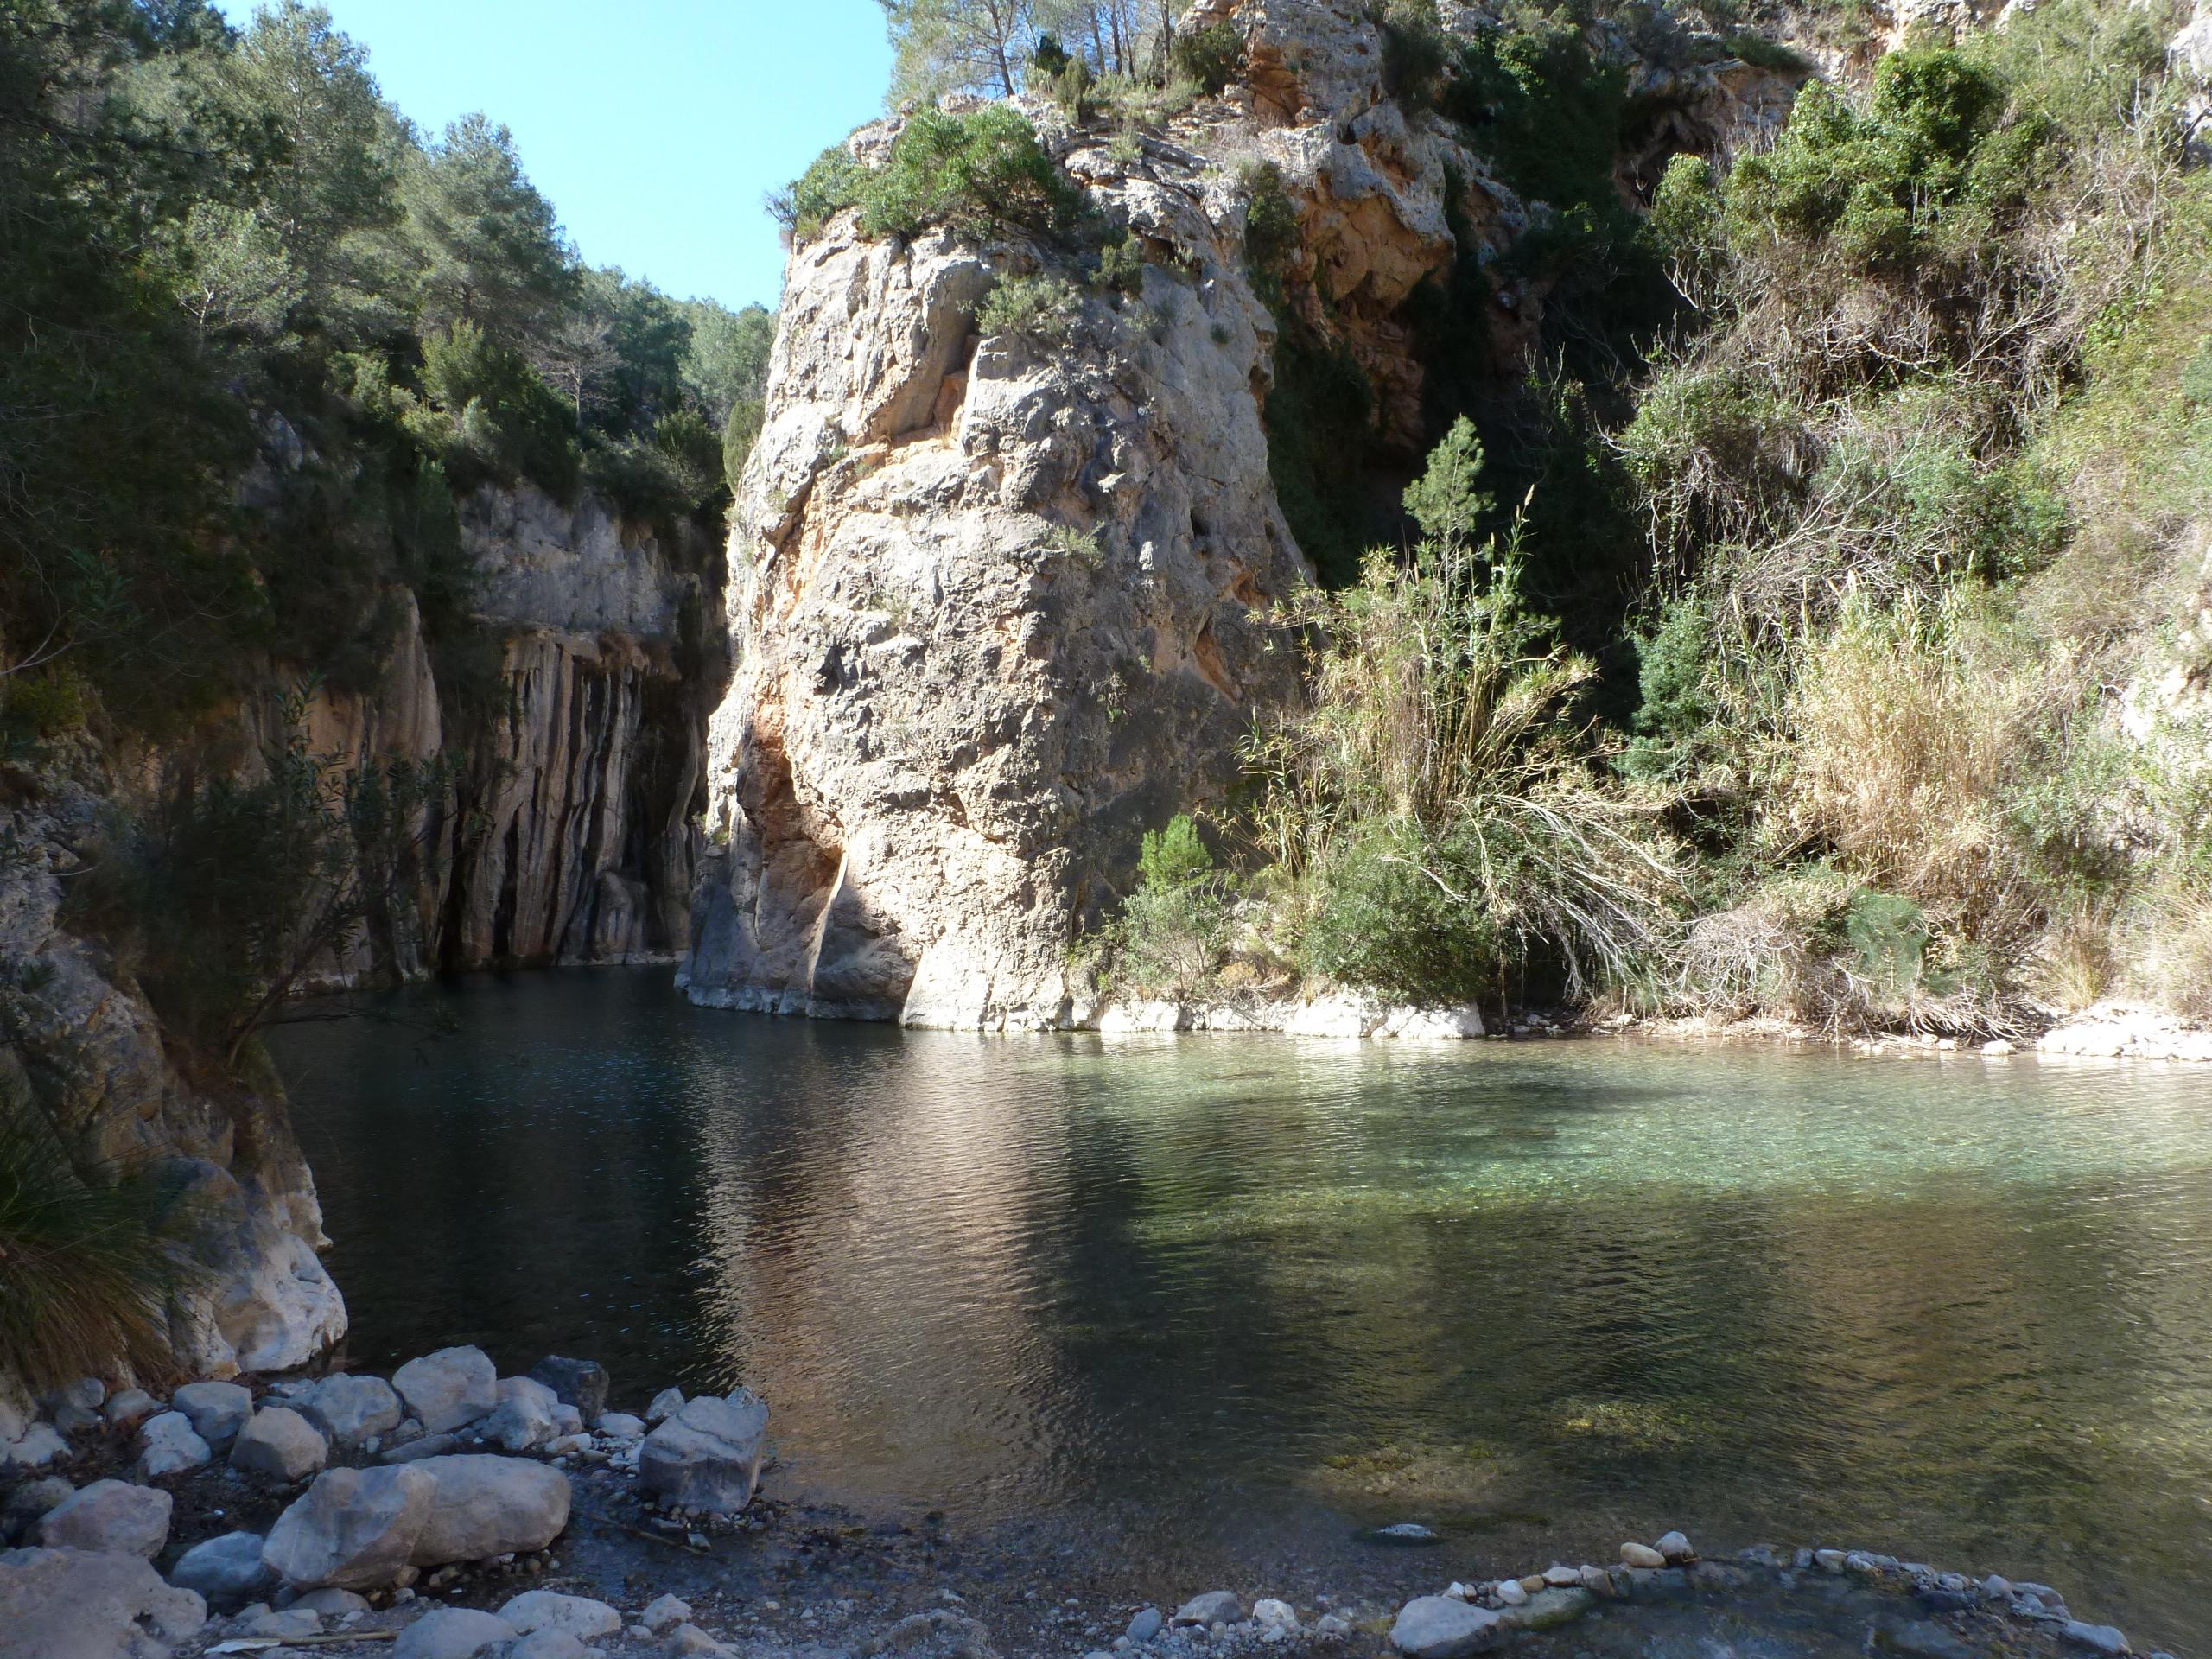 Montanejos los estrechos embalse de arenoso la cueva negra los ba os senderismo - Fuente de los banos montanejos ...